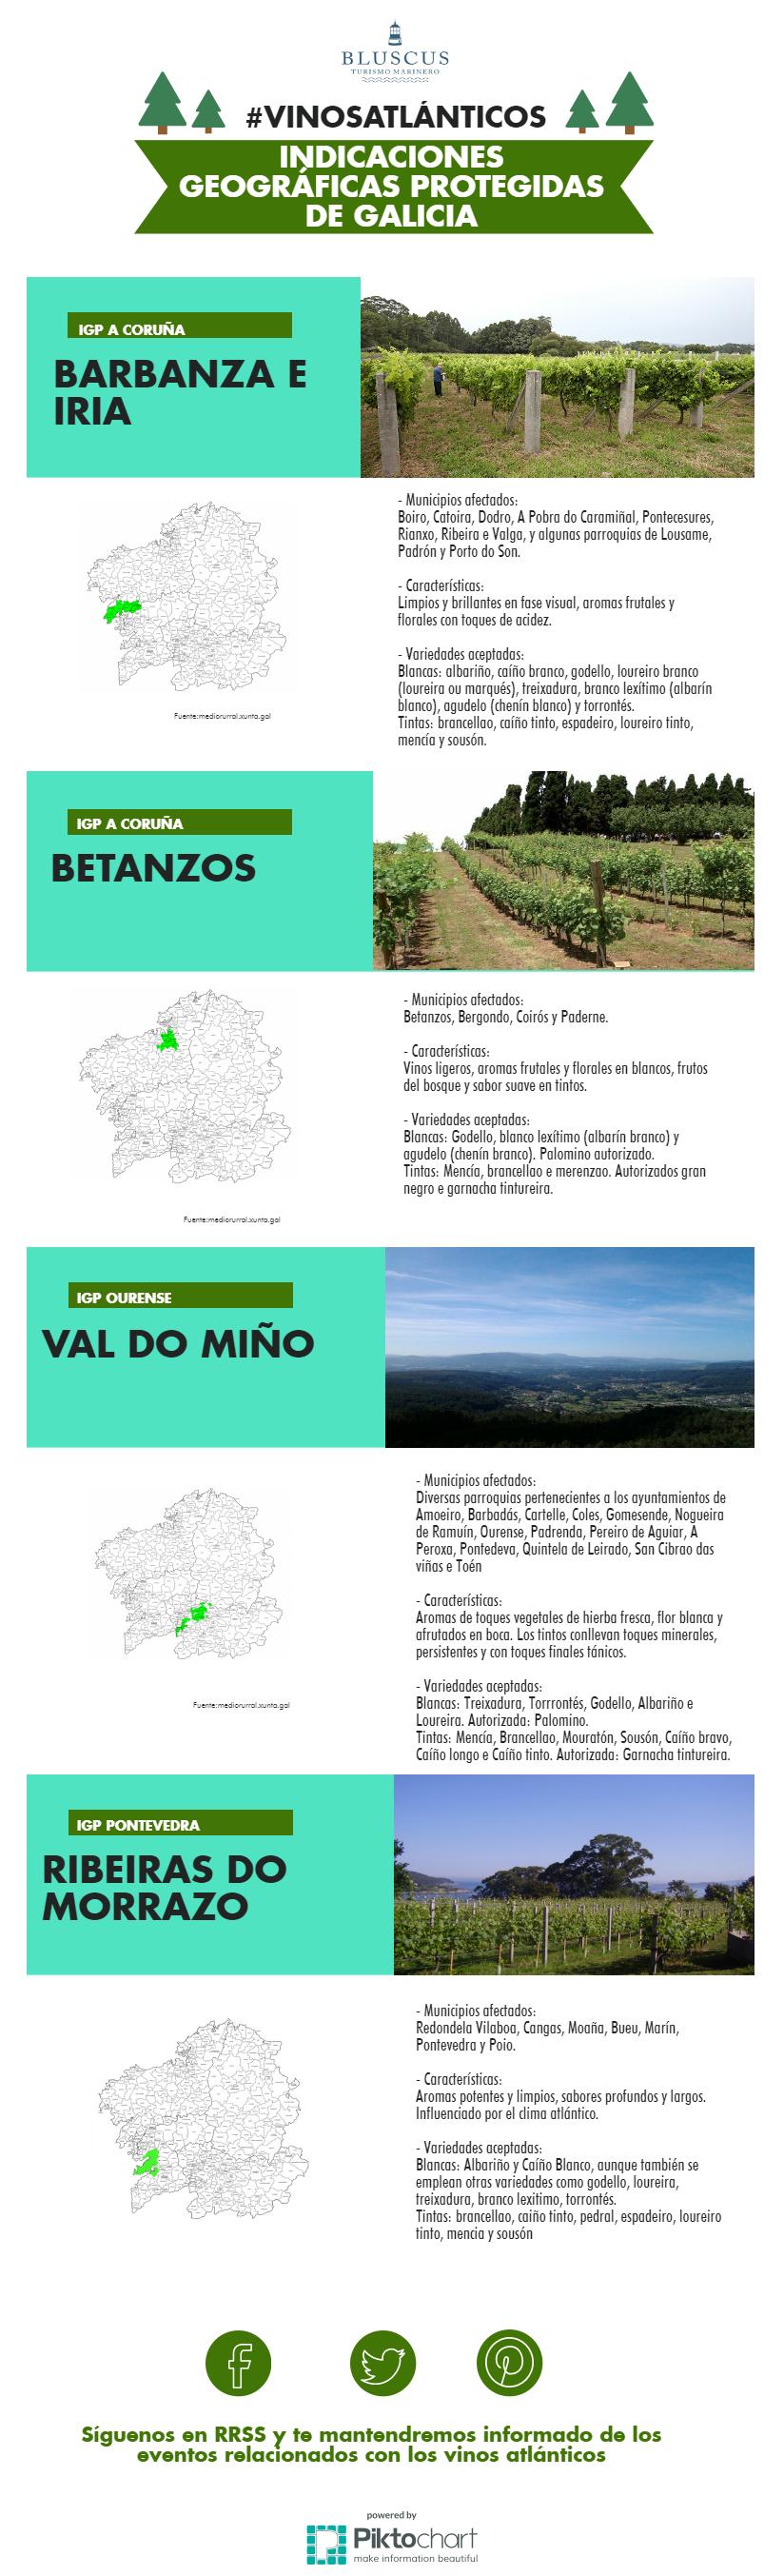 Indicaciones geograficas protegidas de galicia